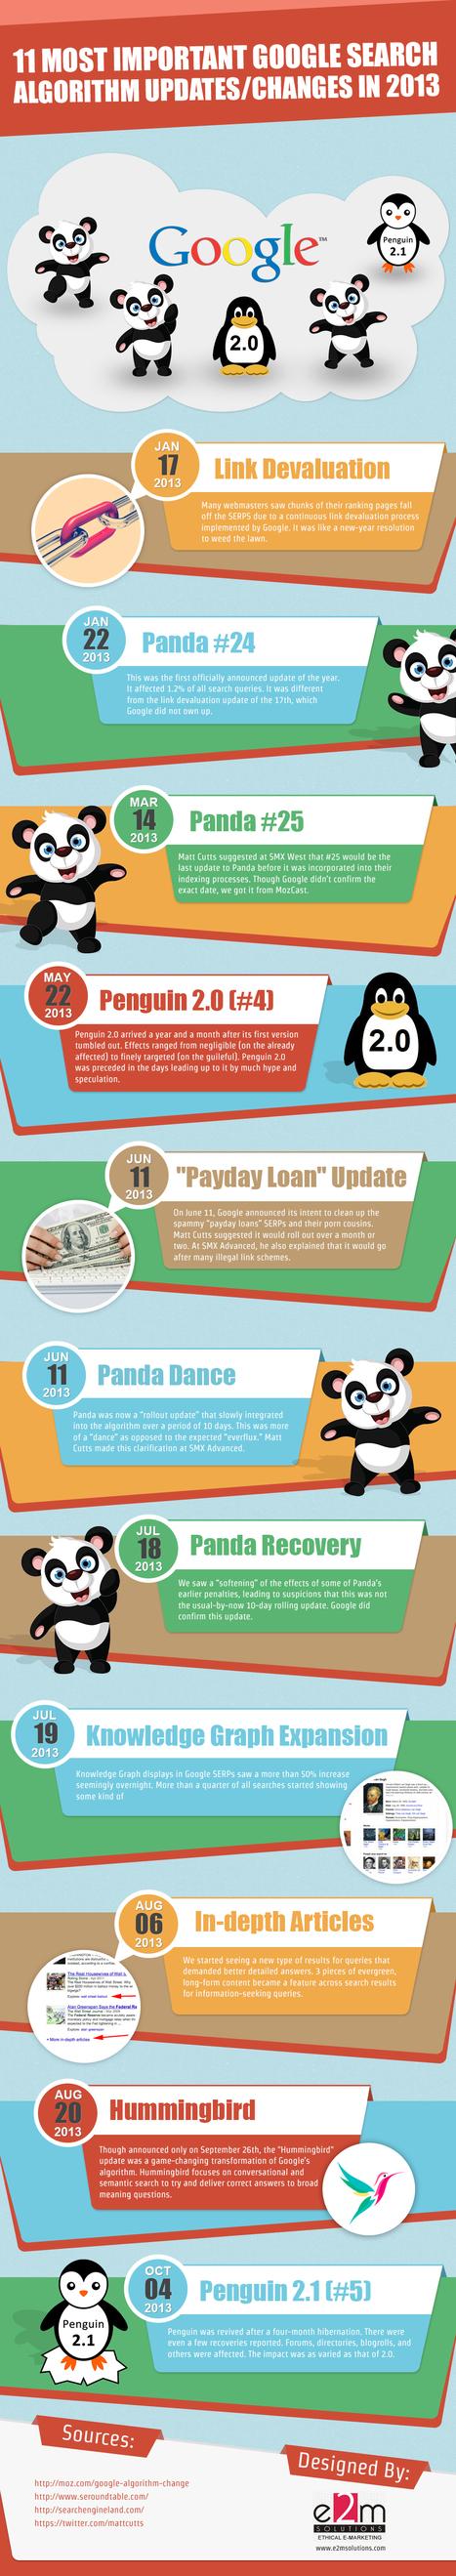 Référencement : Les 11 changements majeurs de Google en 2013 pour bien préparer 2014 | Marketing Automation avec Oracle Marketing Cloud — Eloqua by Aressy | Scoop.it